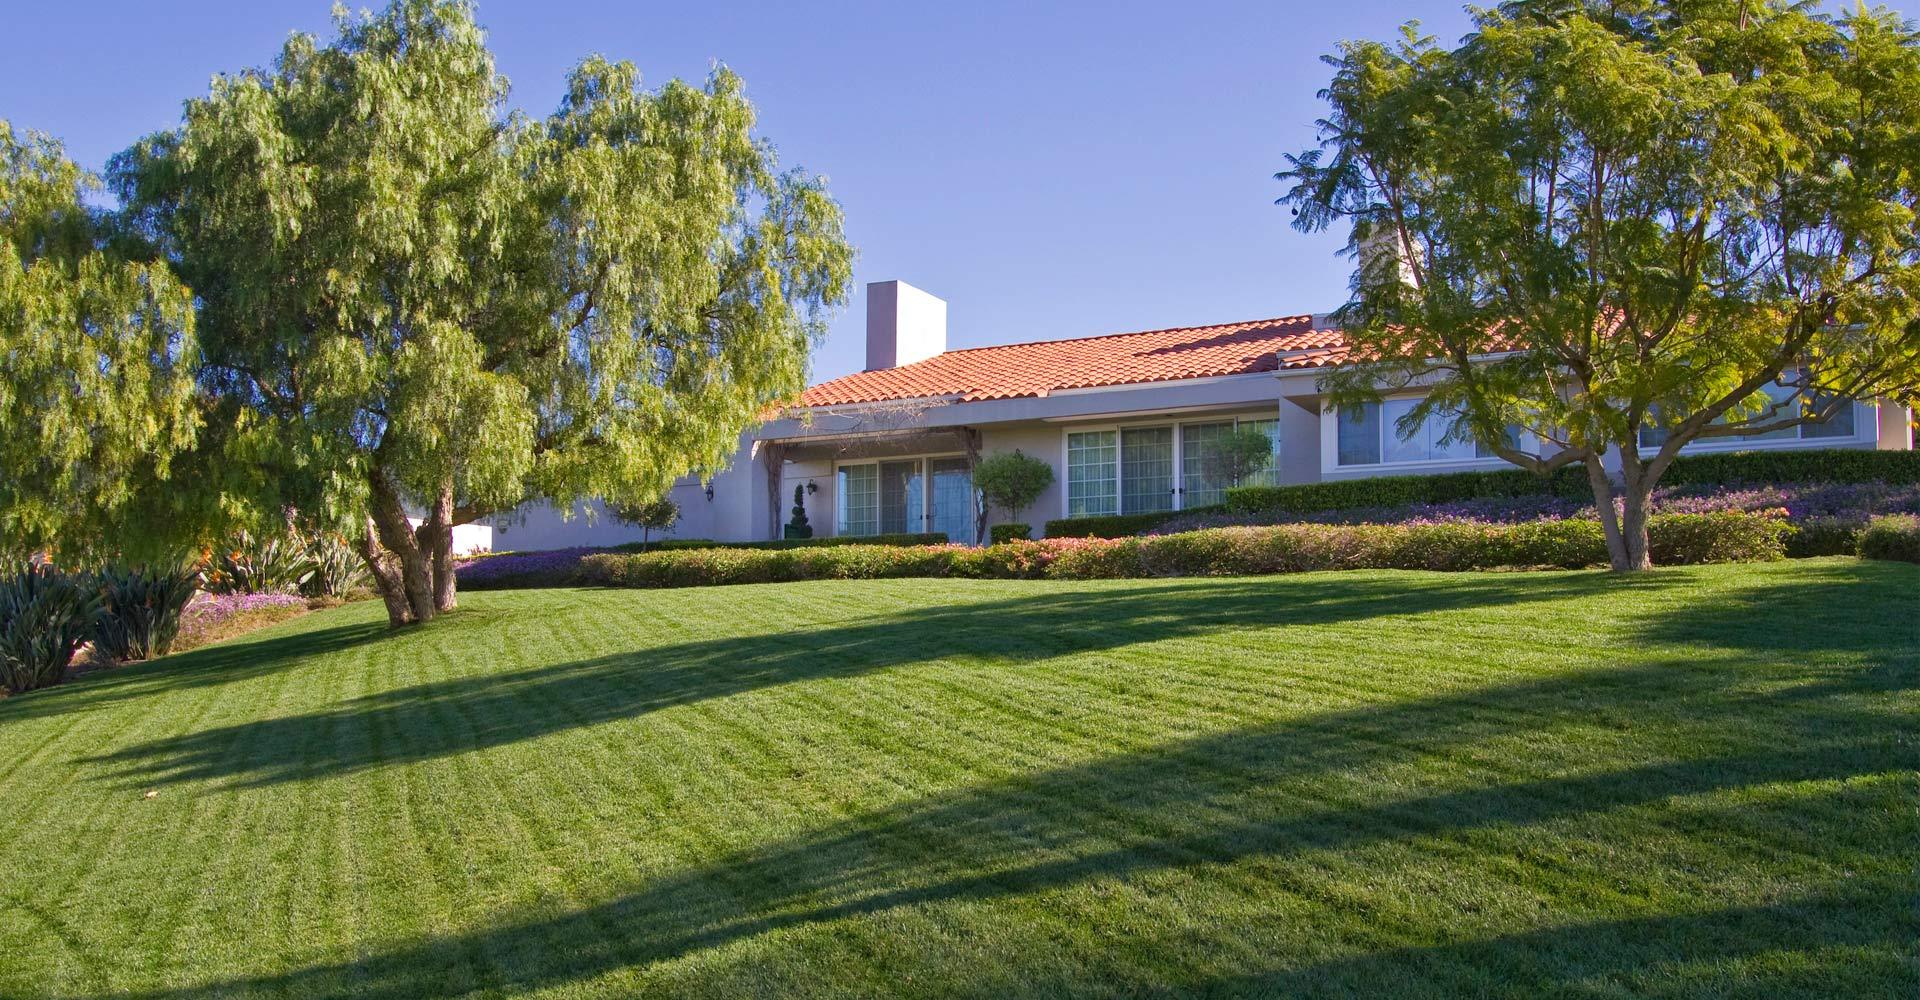 Hope ranch homes, hope ranch real estate, hope ranch santa barbara